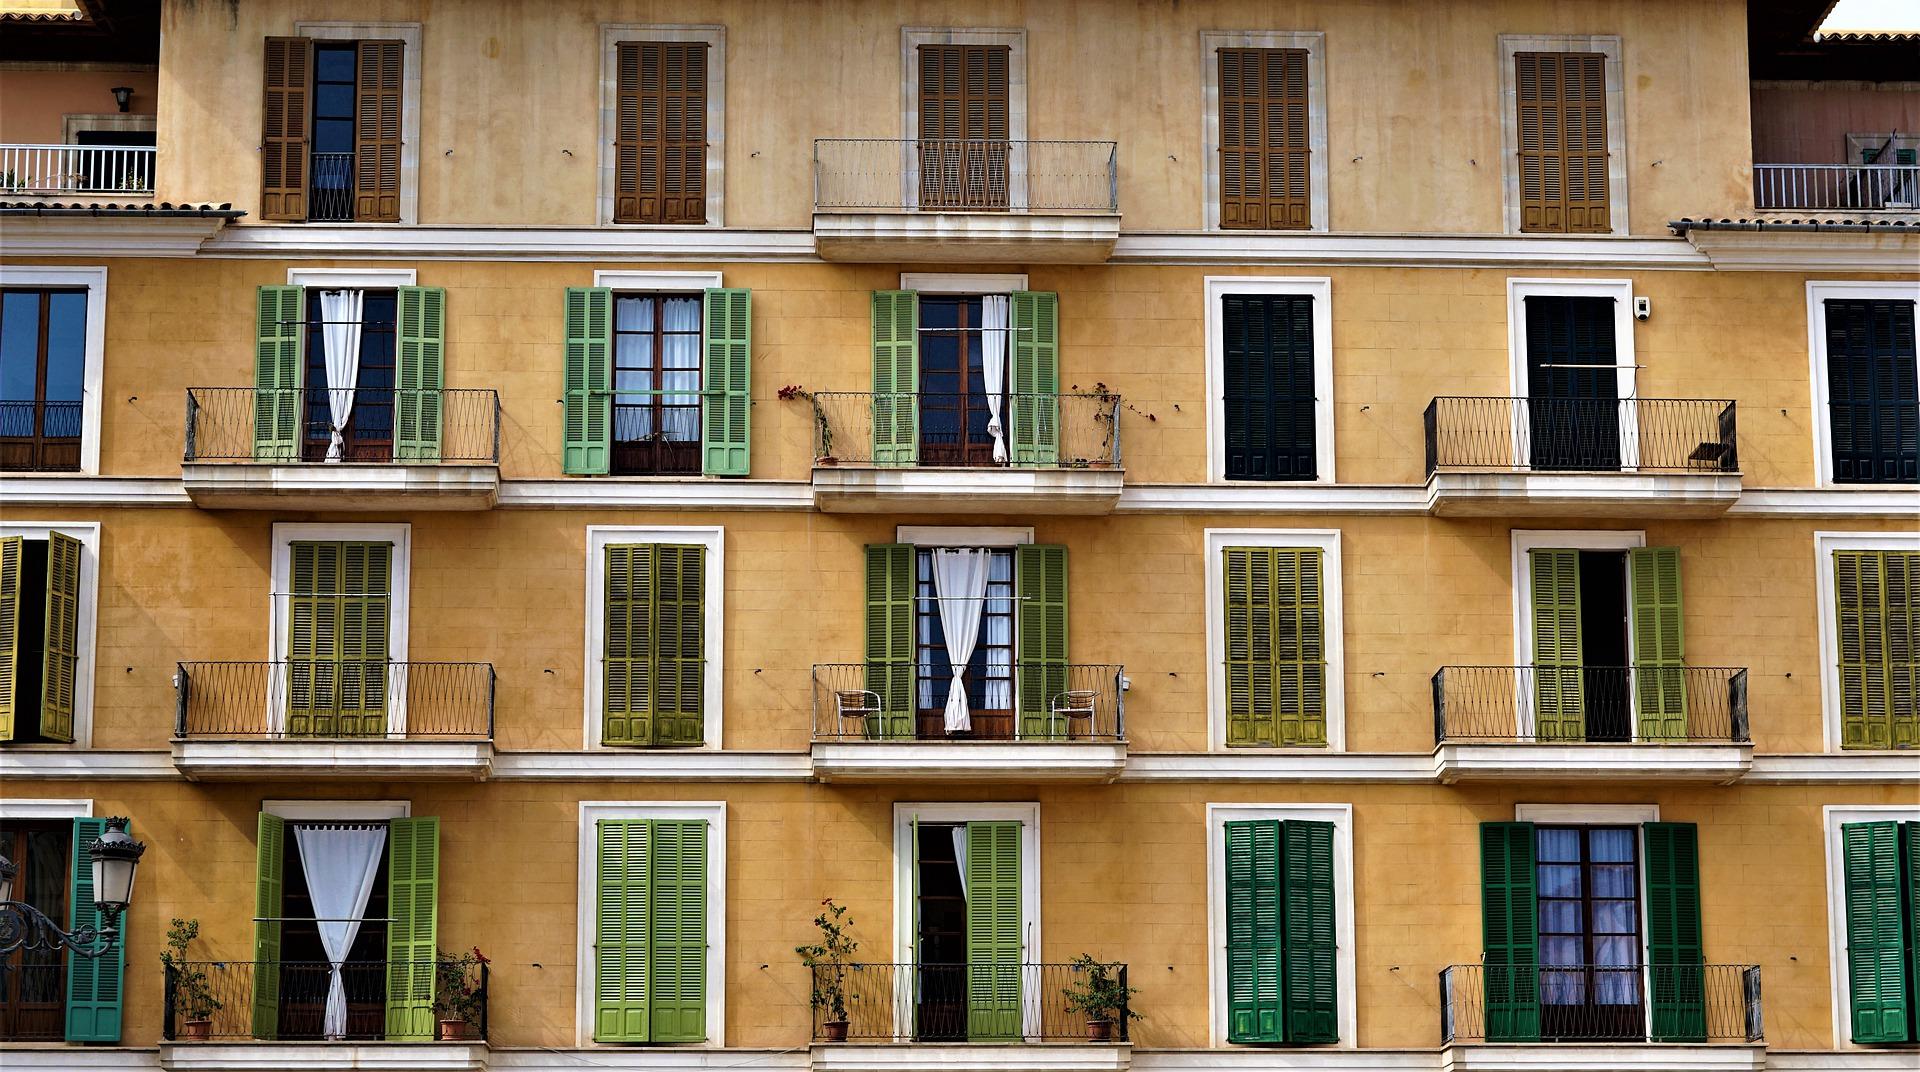 Casa e pandemia, o que muda na relação? impacto do confinamento à lupa